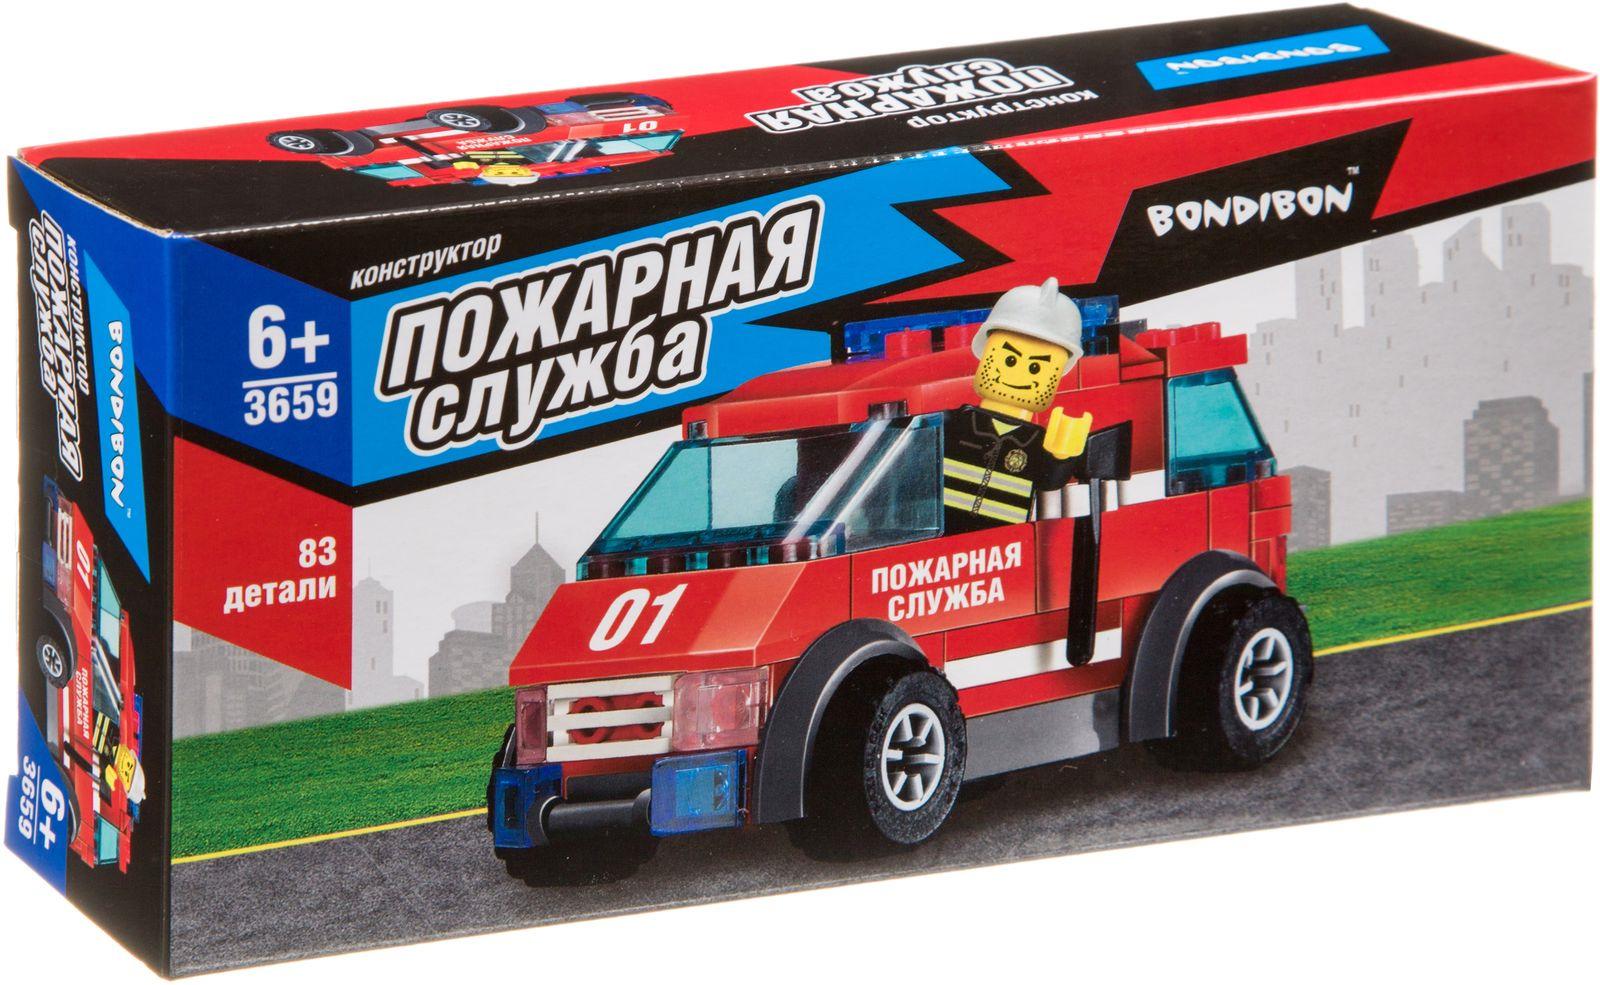 Пластиковый конструктор Bondibon Пожарная служба Машина